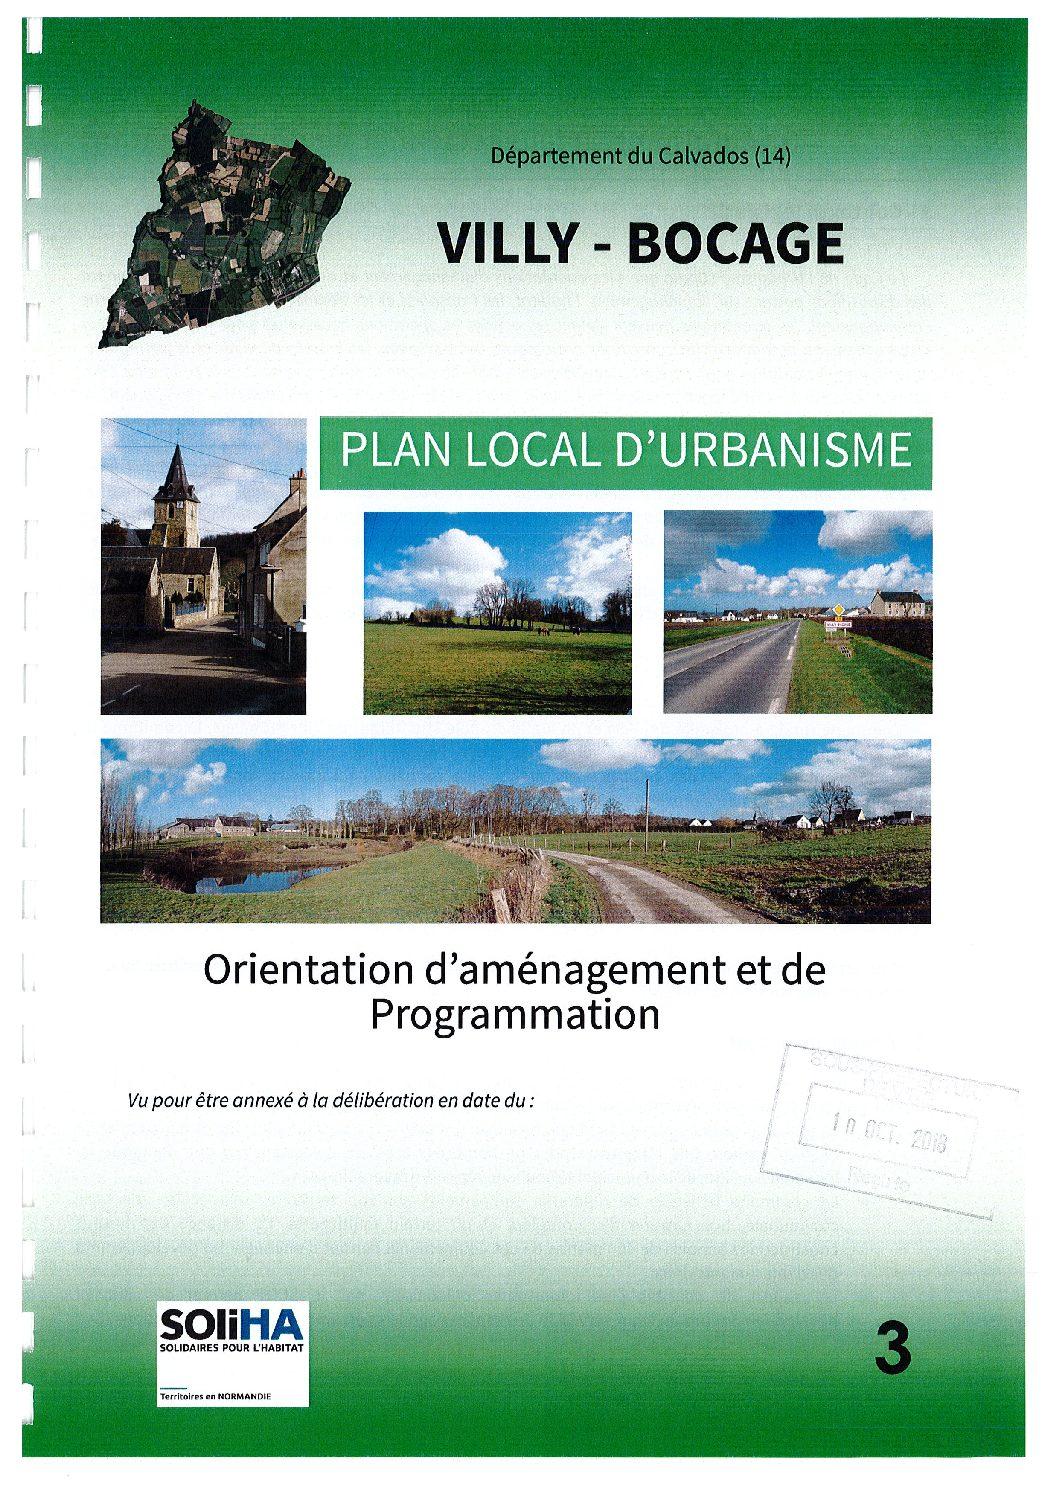 Villy-Bocage : OAP AP2